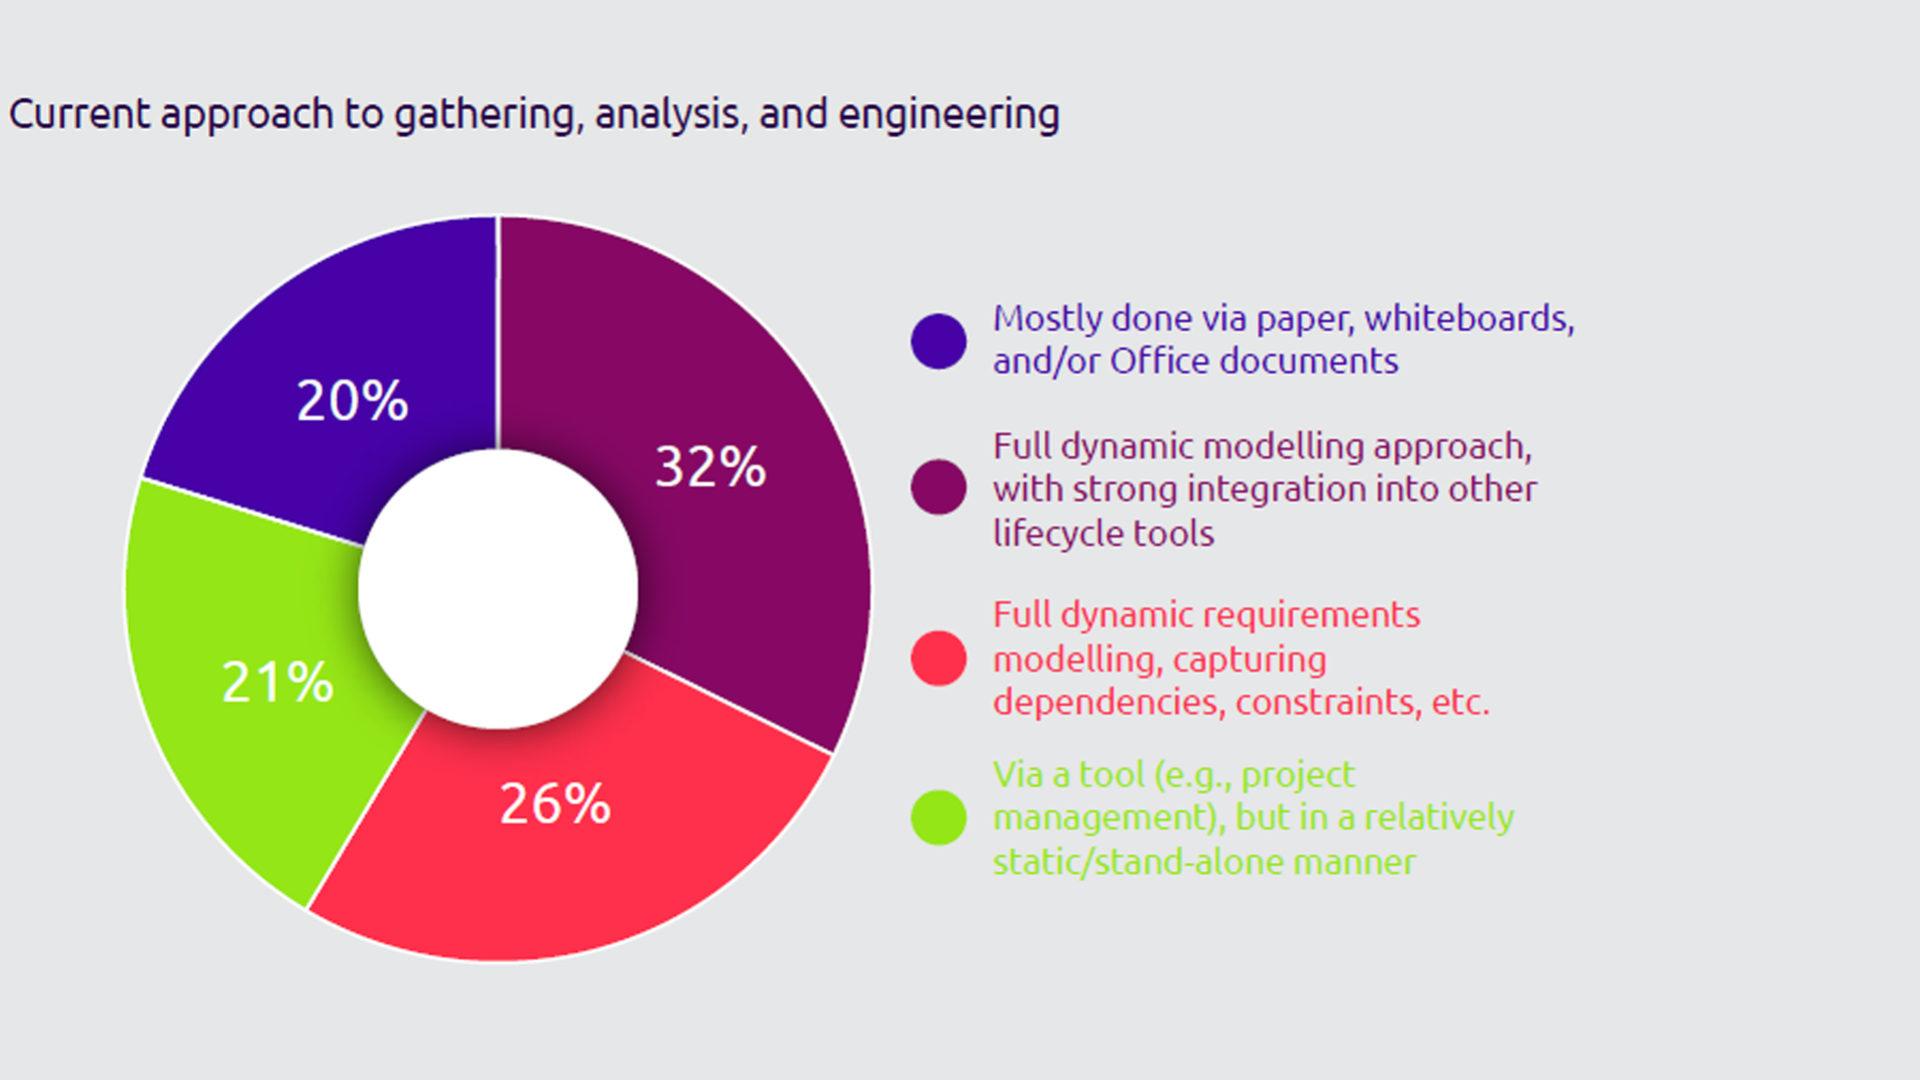 Figura 1 - L'approccio attuale nella raccolta, analisi e ingegnerizzazione dei requisiti.